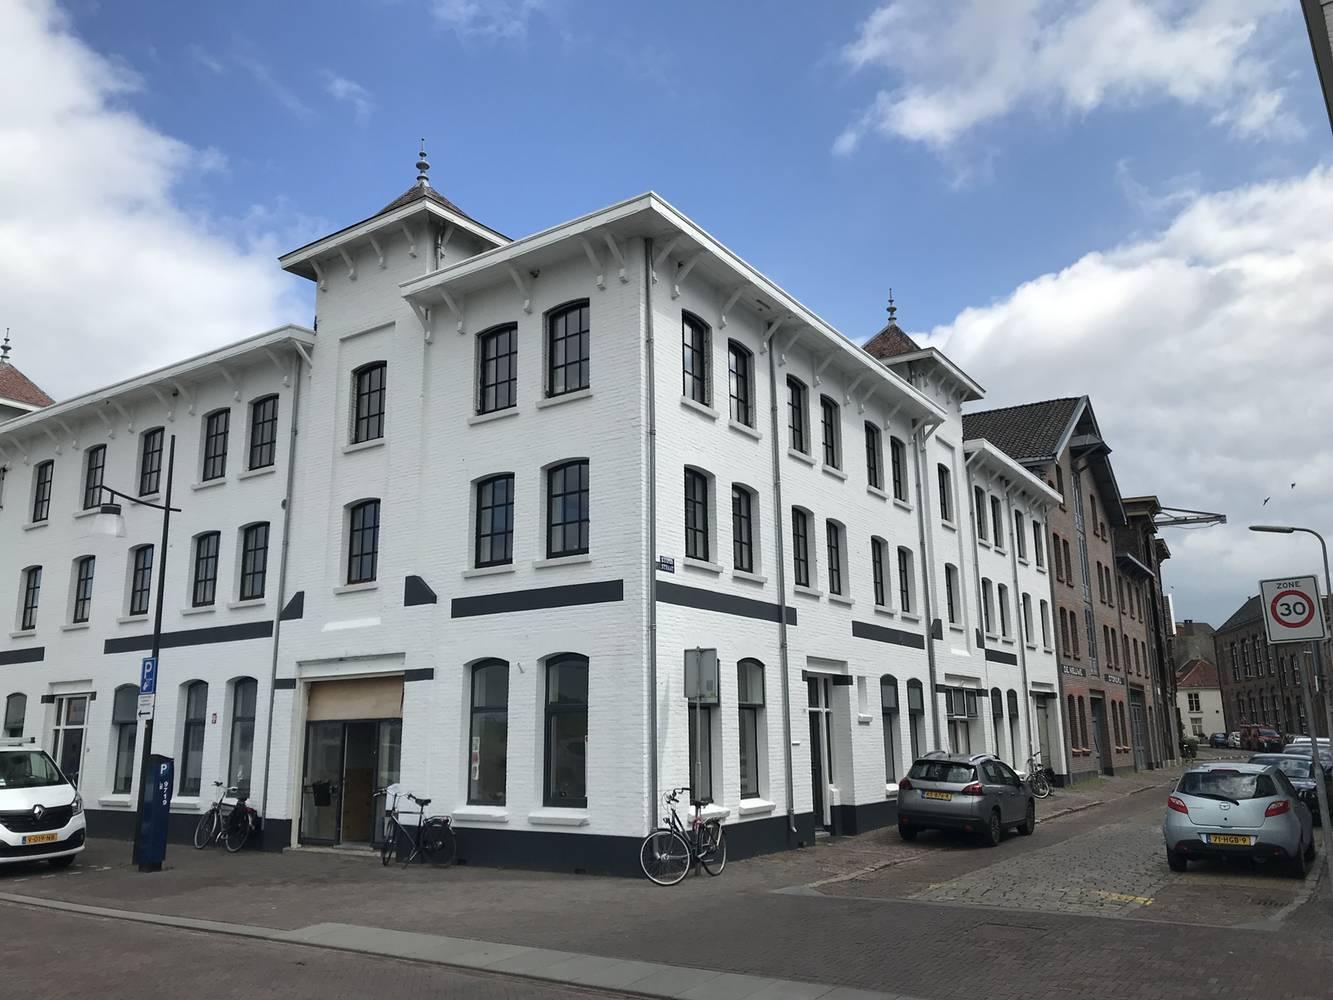 Akoestisch onderzoek appartementen IJsselkade te Zutphen